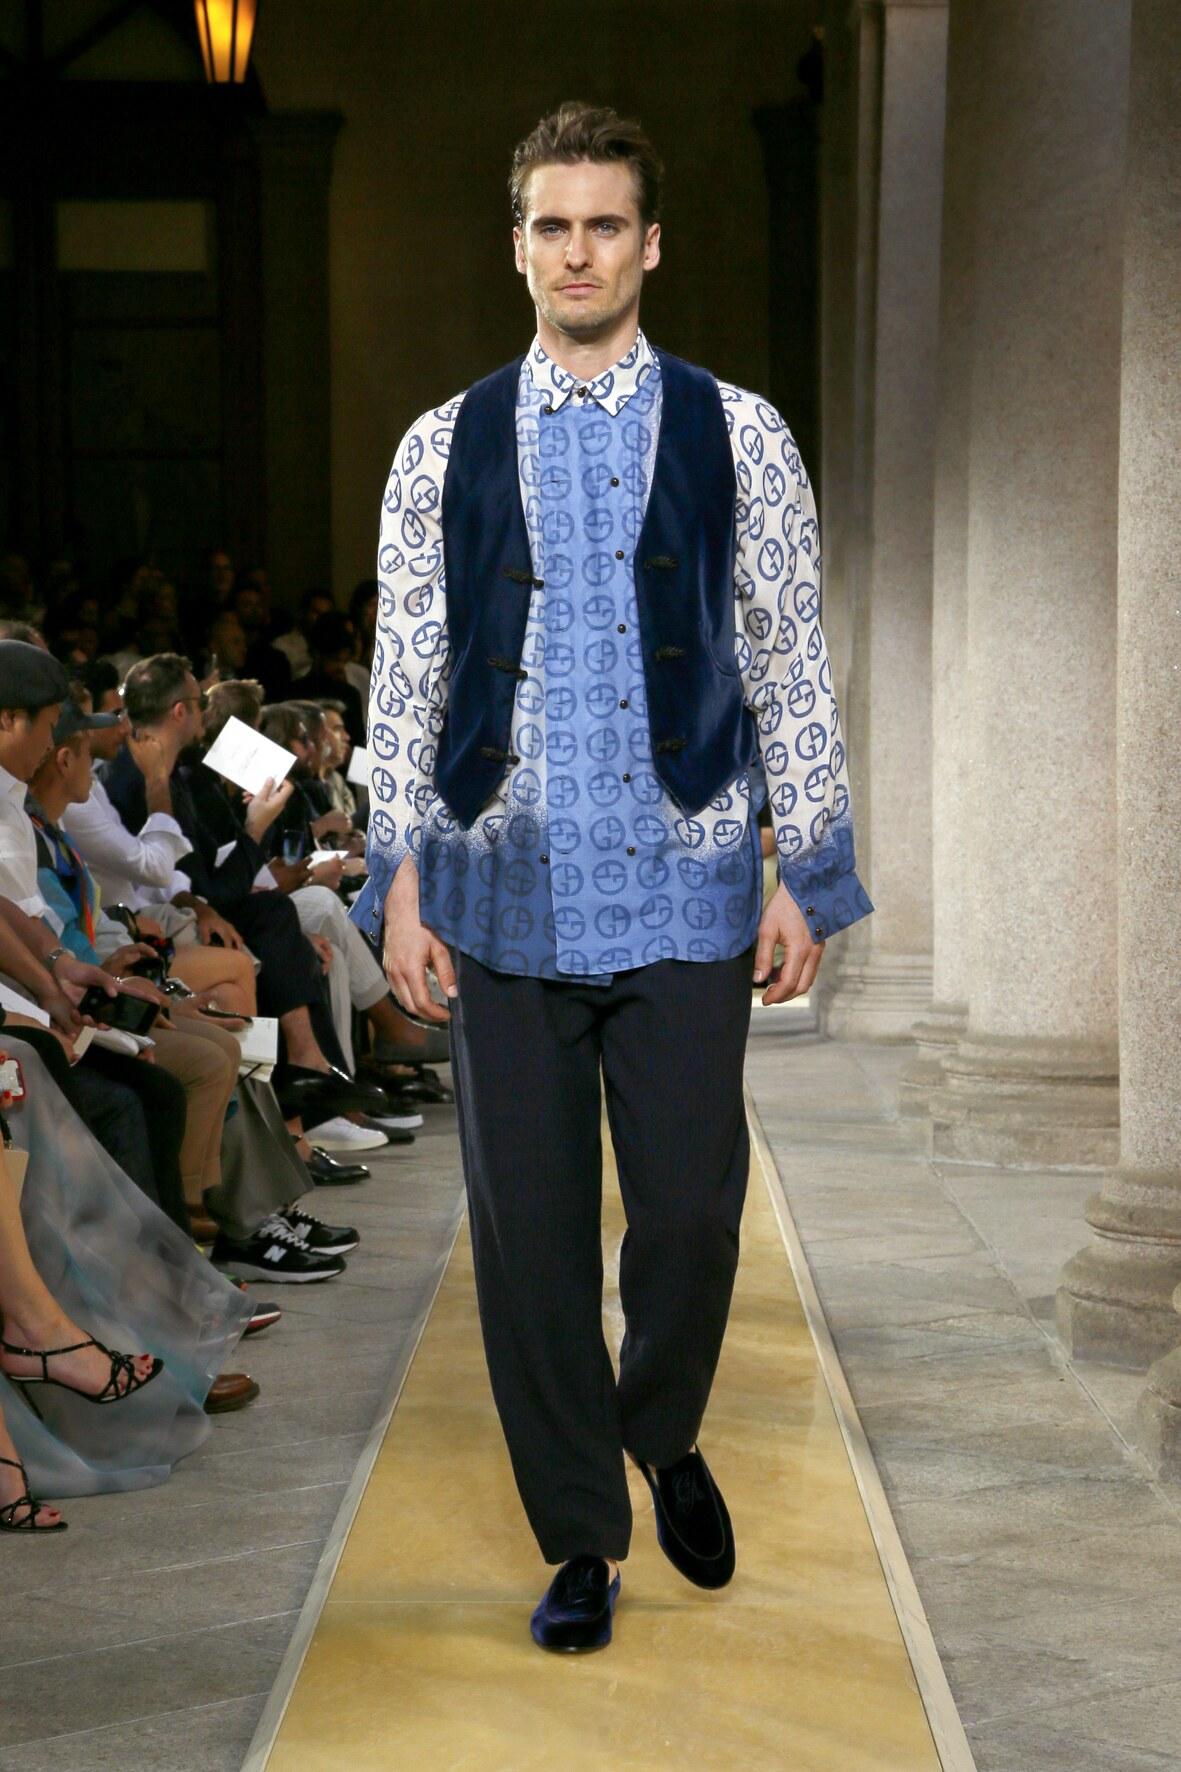 Trends Menswear Fashion 2020 Catwalk Giorgio Armani